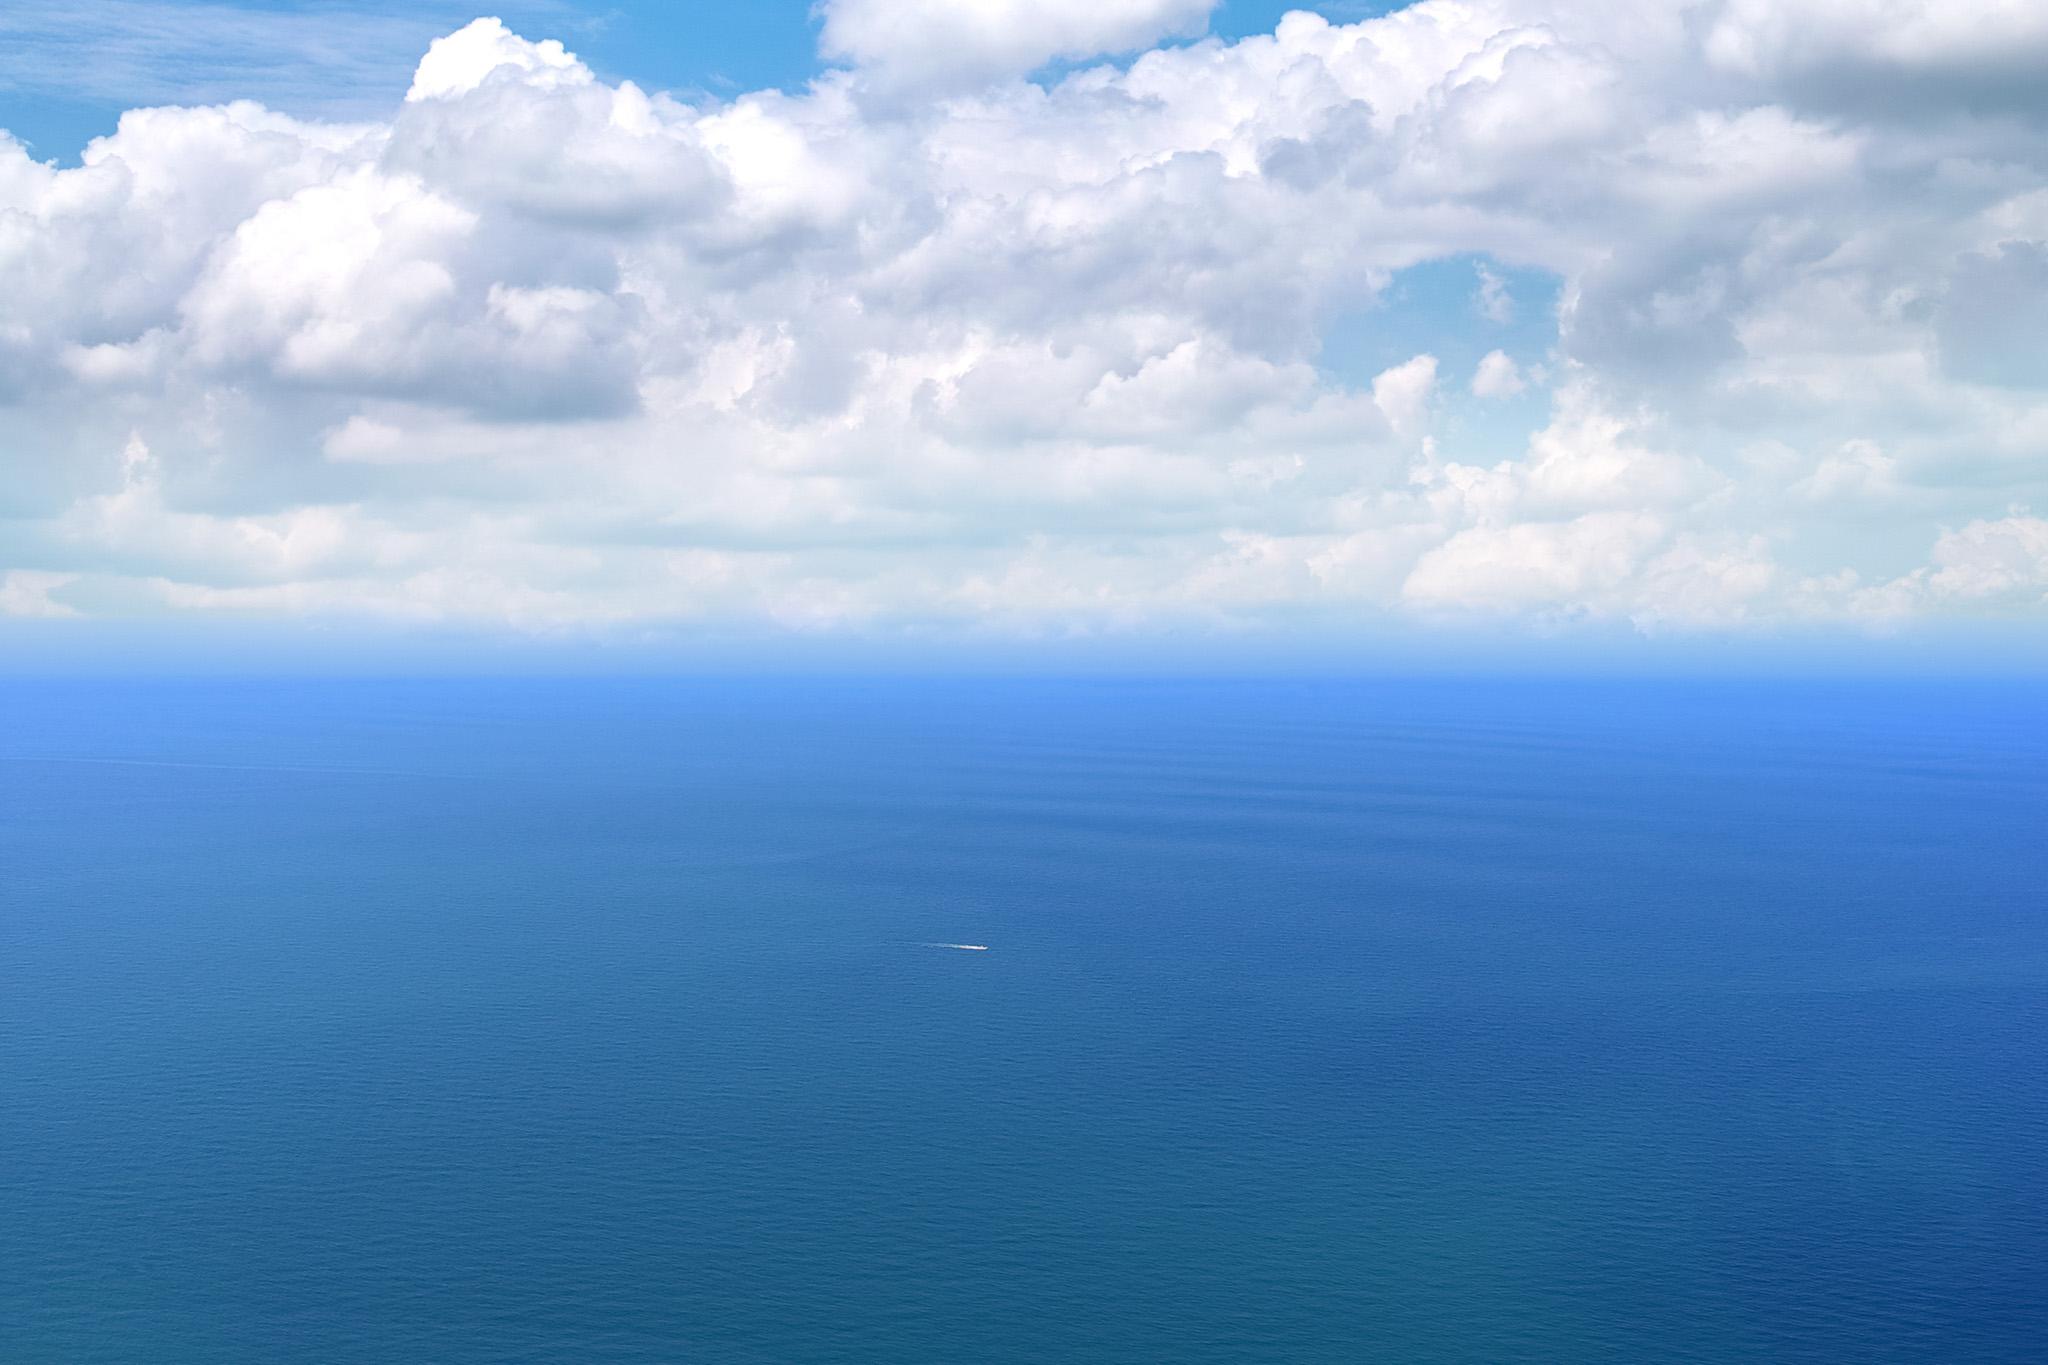 「青い大海を進む一隻の船」